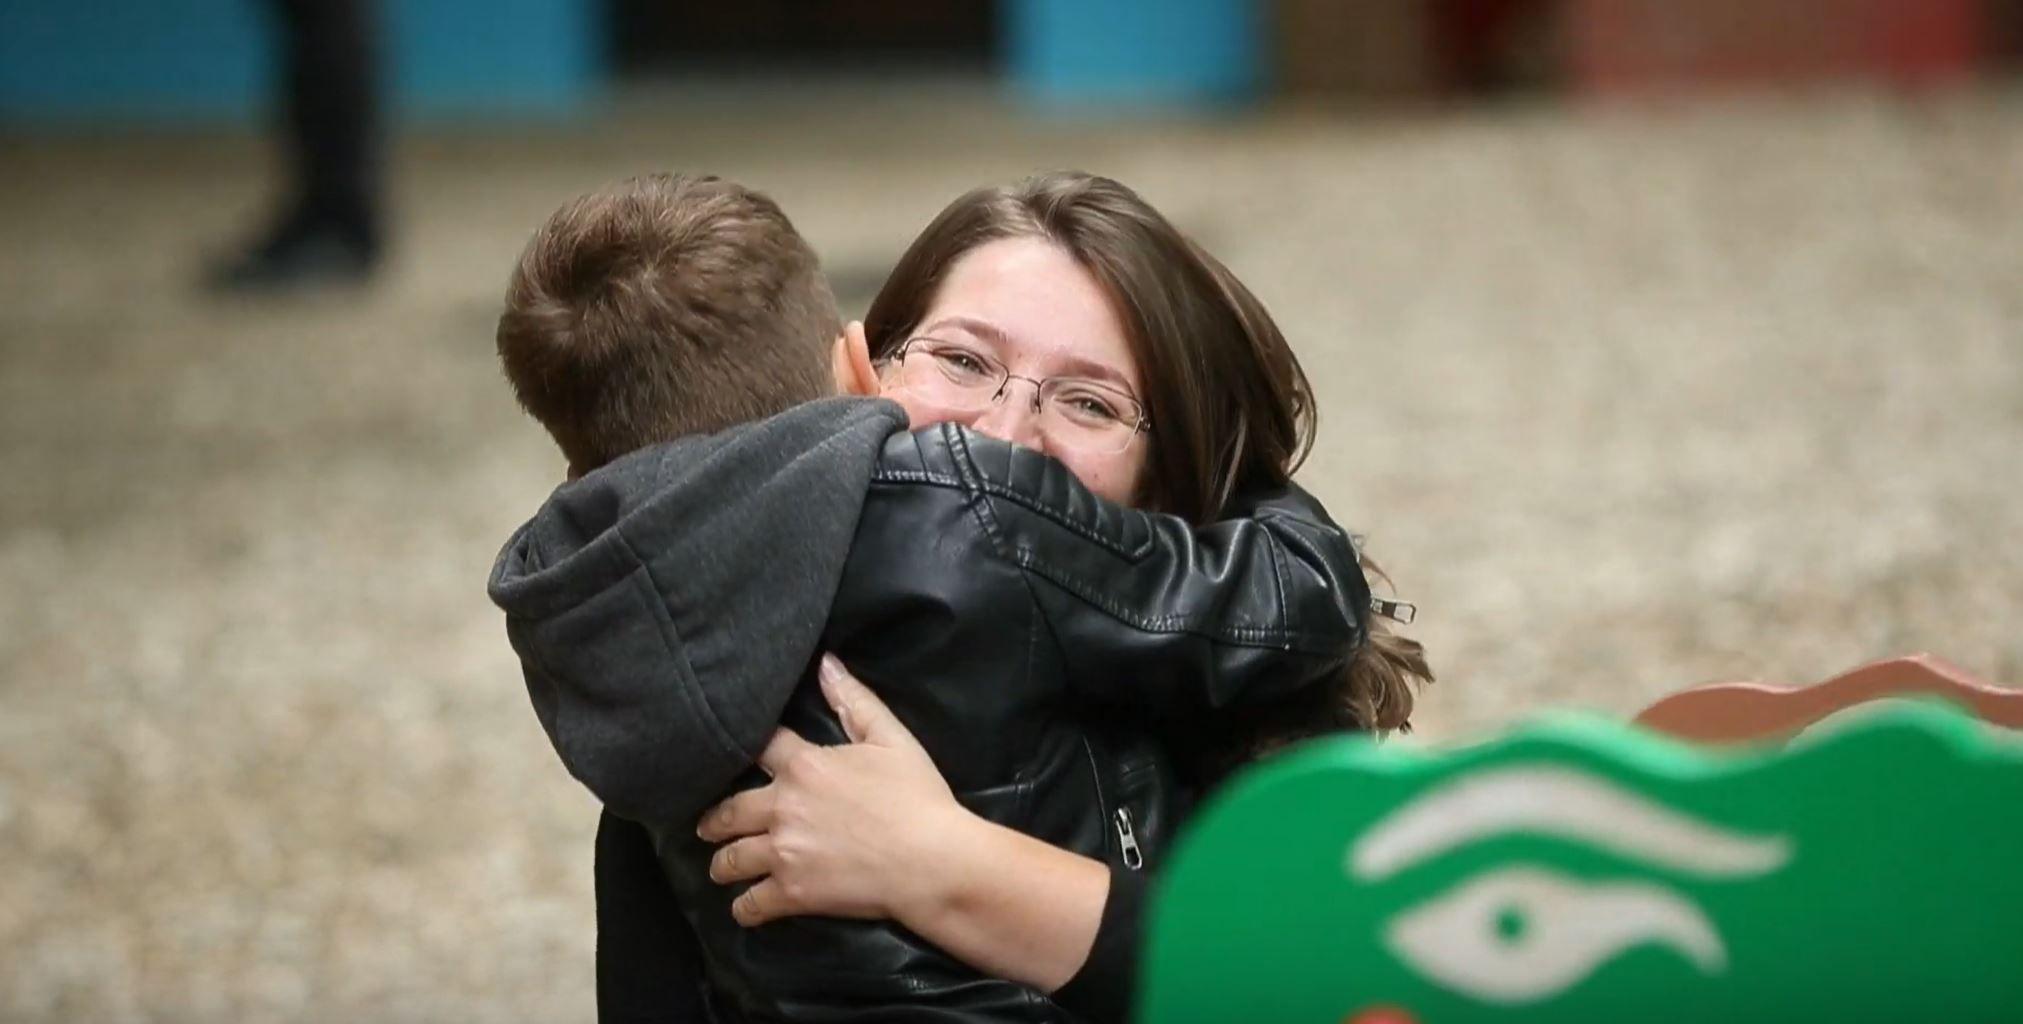 La doar 7 luni de la terapia cu celule stem, un copil român cu autism se bucură de reducerea completă a medicației